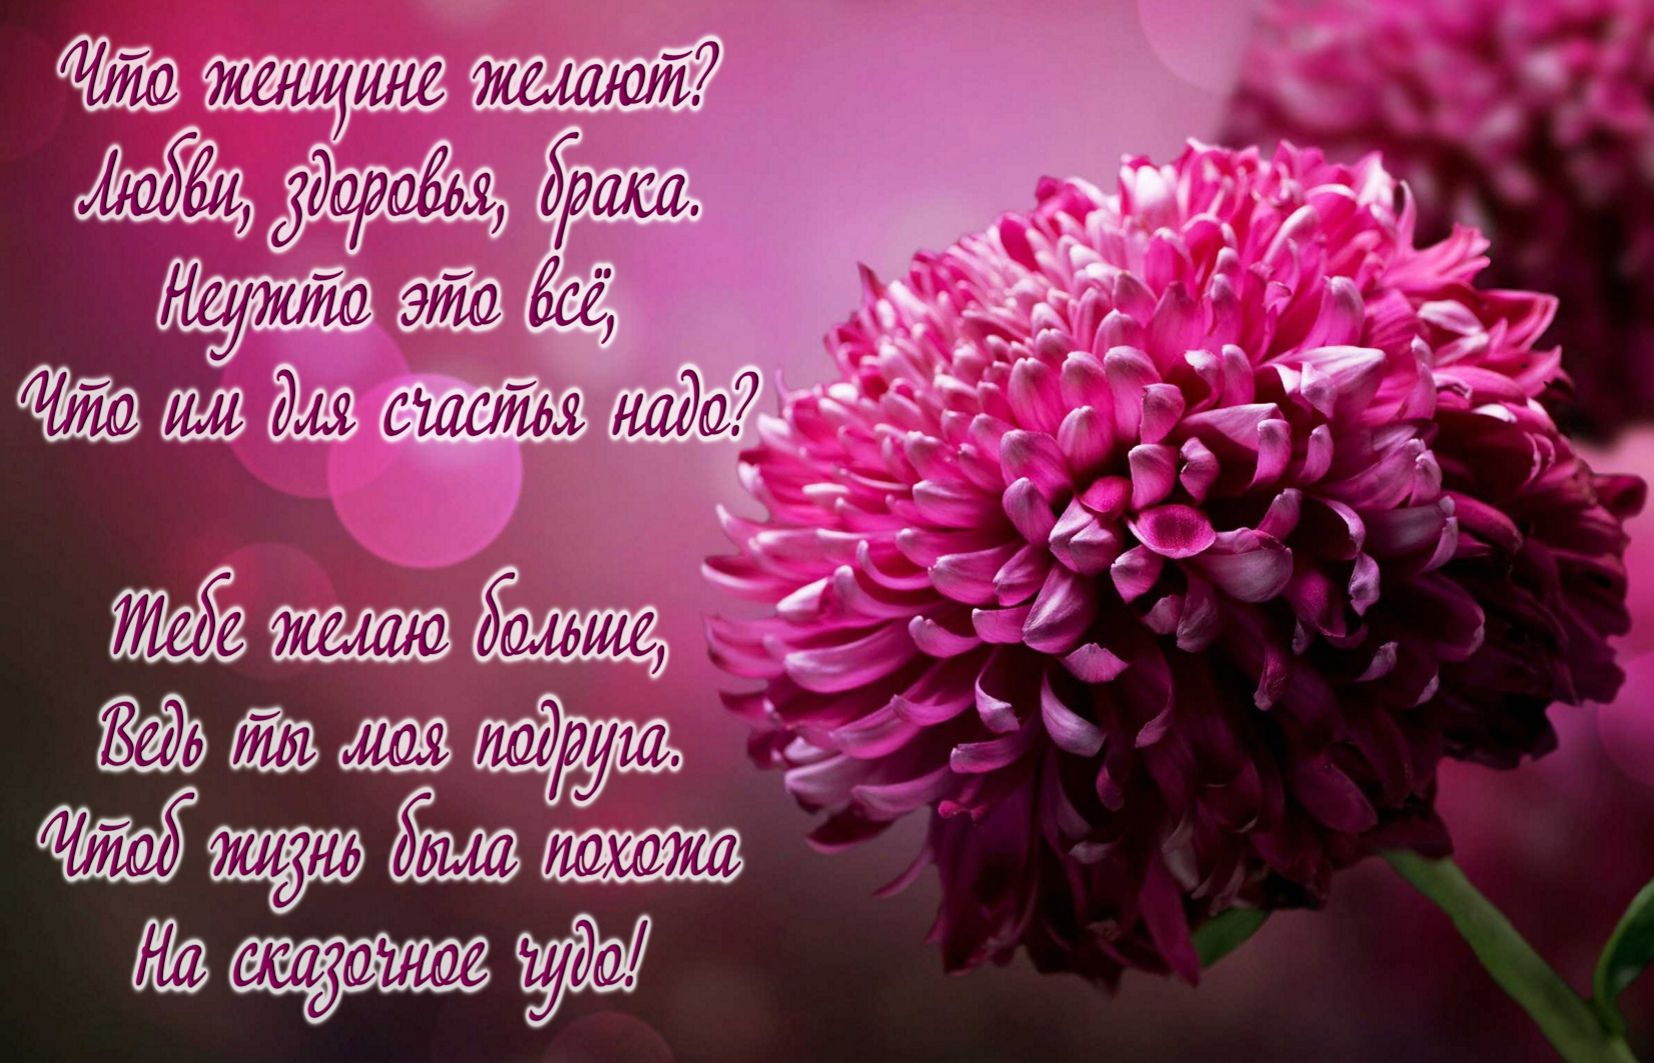 Открытка с Днём рождения подруге - красивый розовый цветок и пожелание